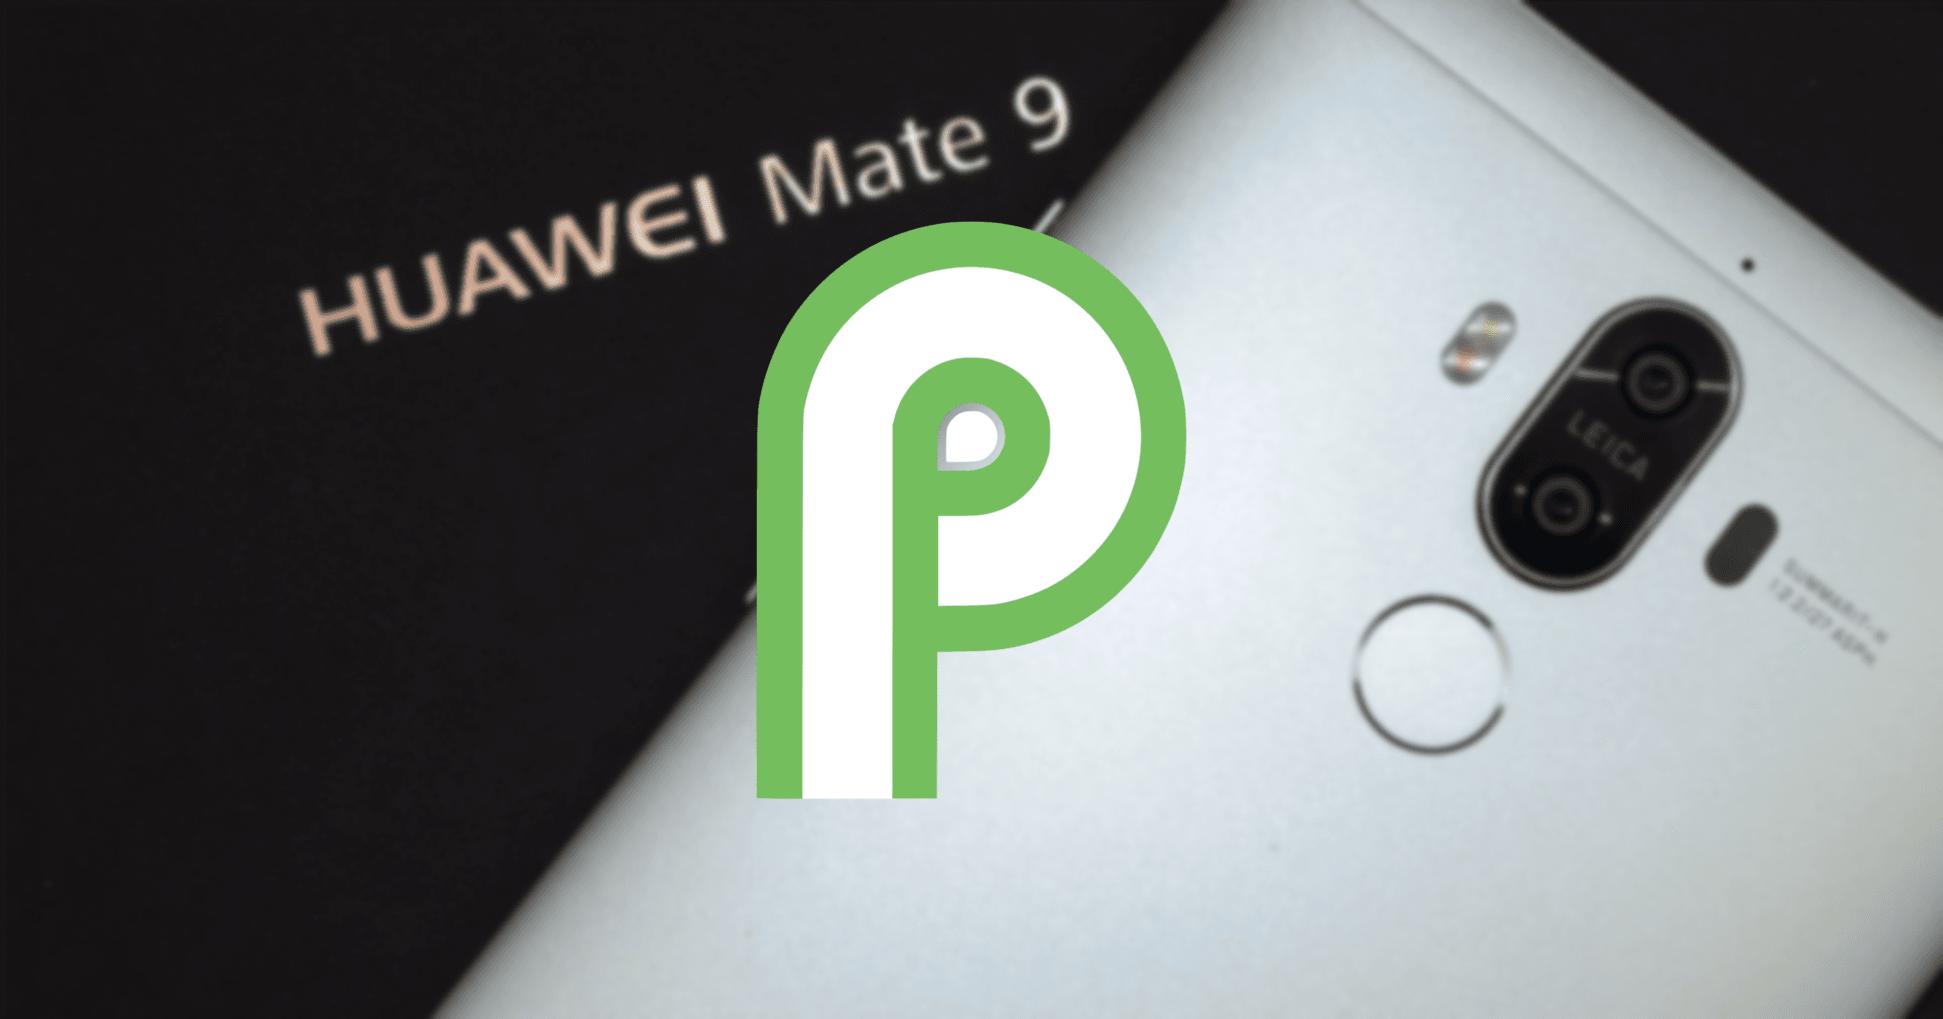 Huawei Mate 9 dostaje aktualizację do Androida 9.0 Pie oraz nakładkę EMUI 9.0.1 22